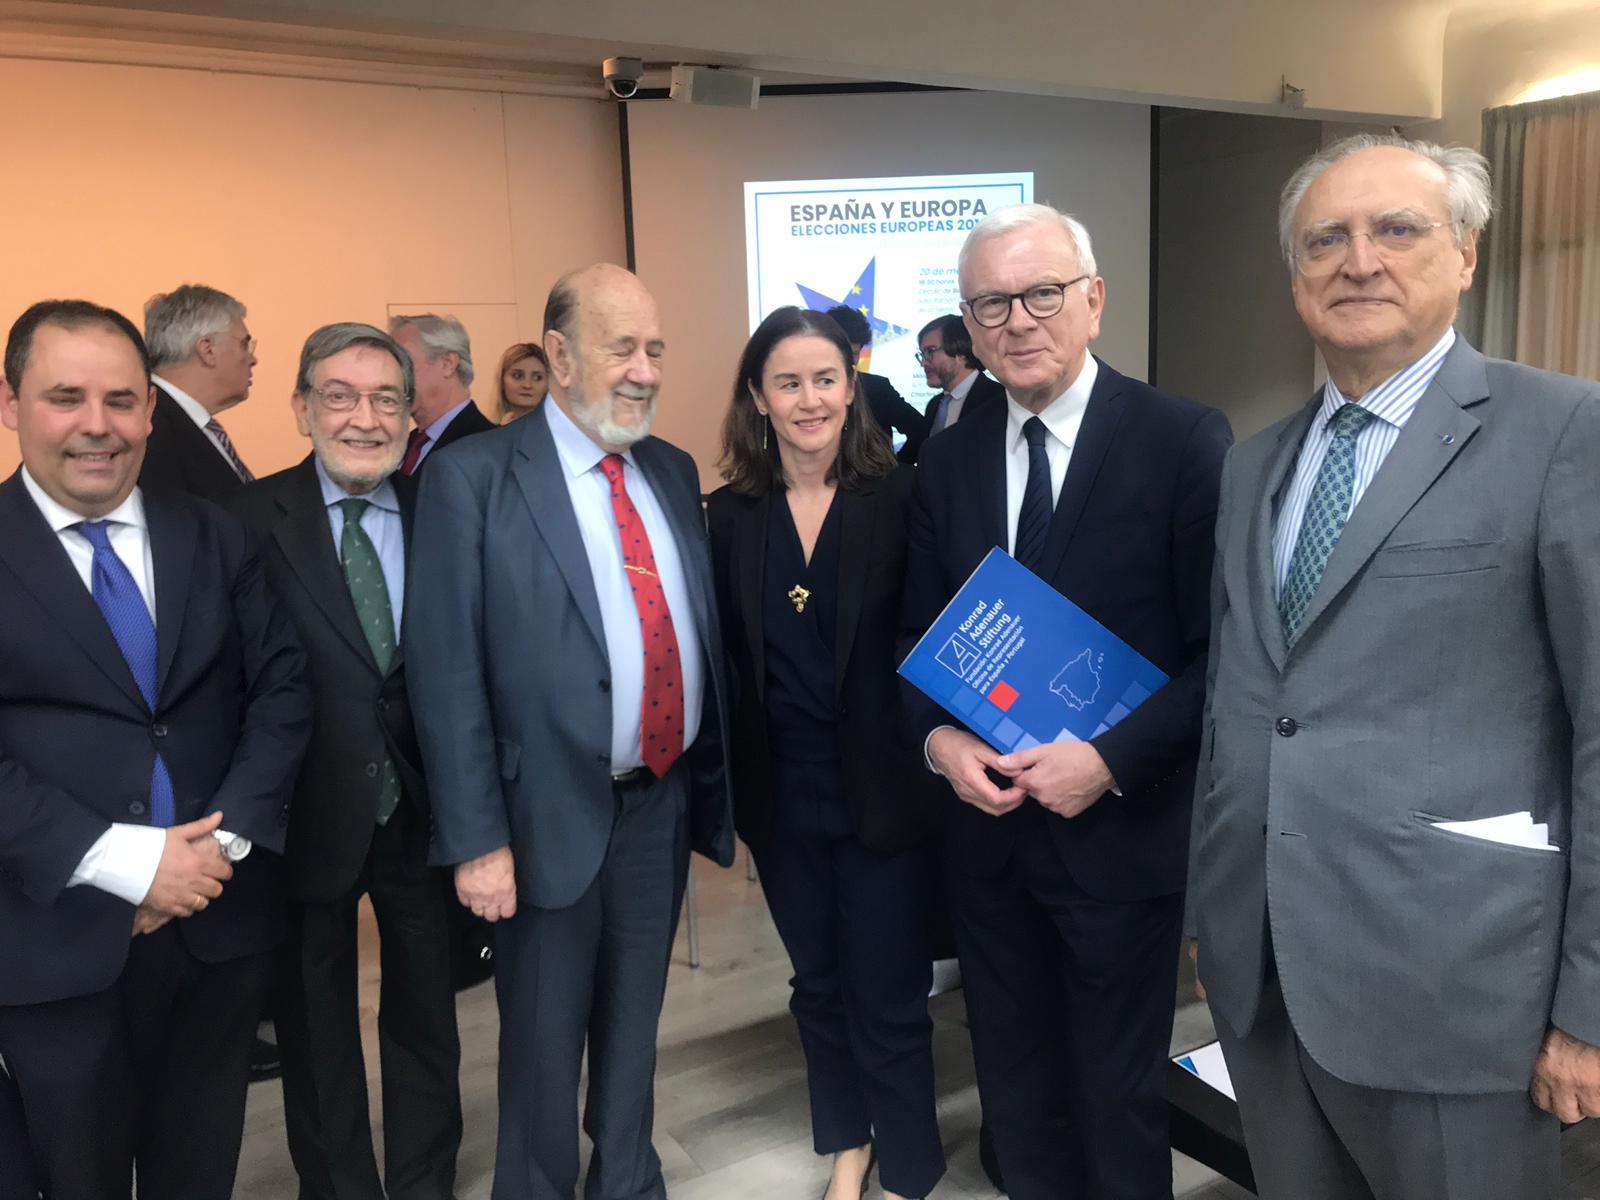 Debate sobre las elecciones europeas y la democracia en la UE